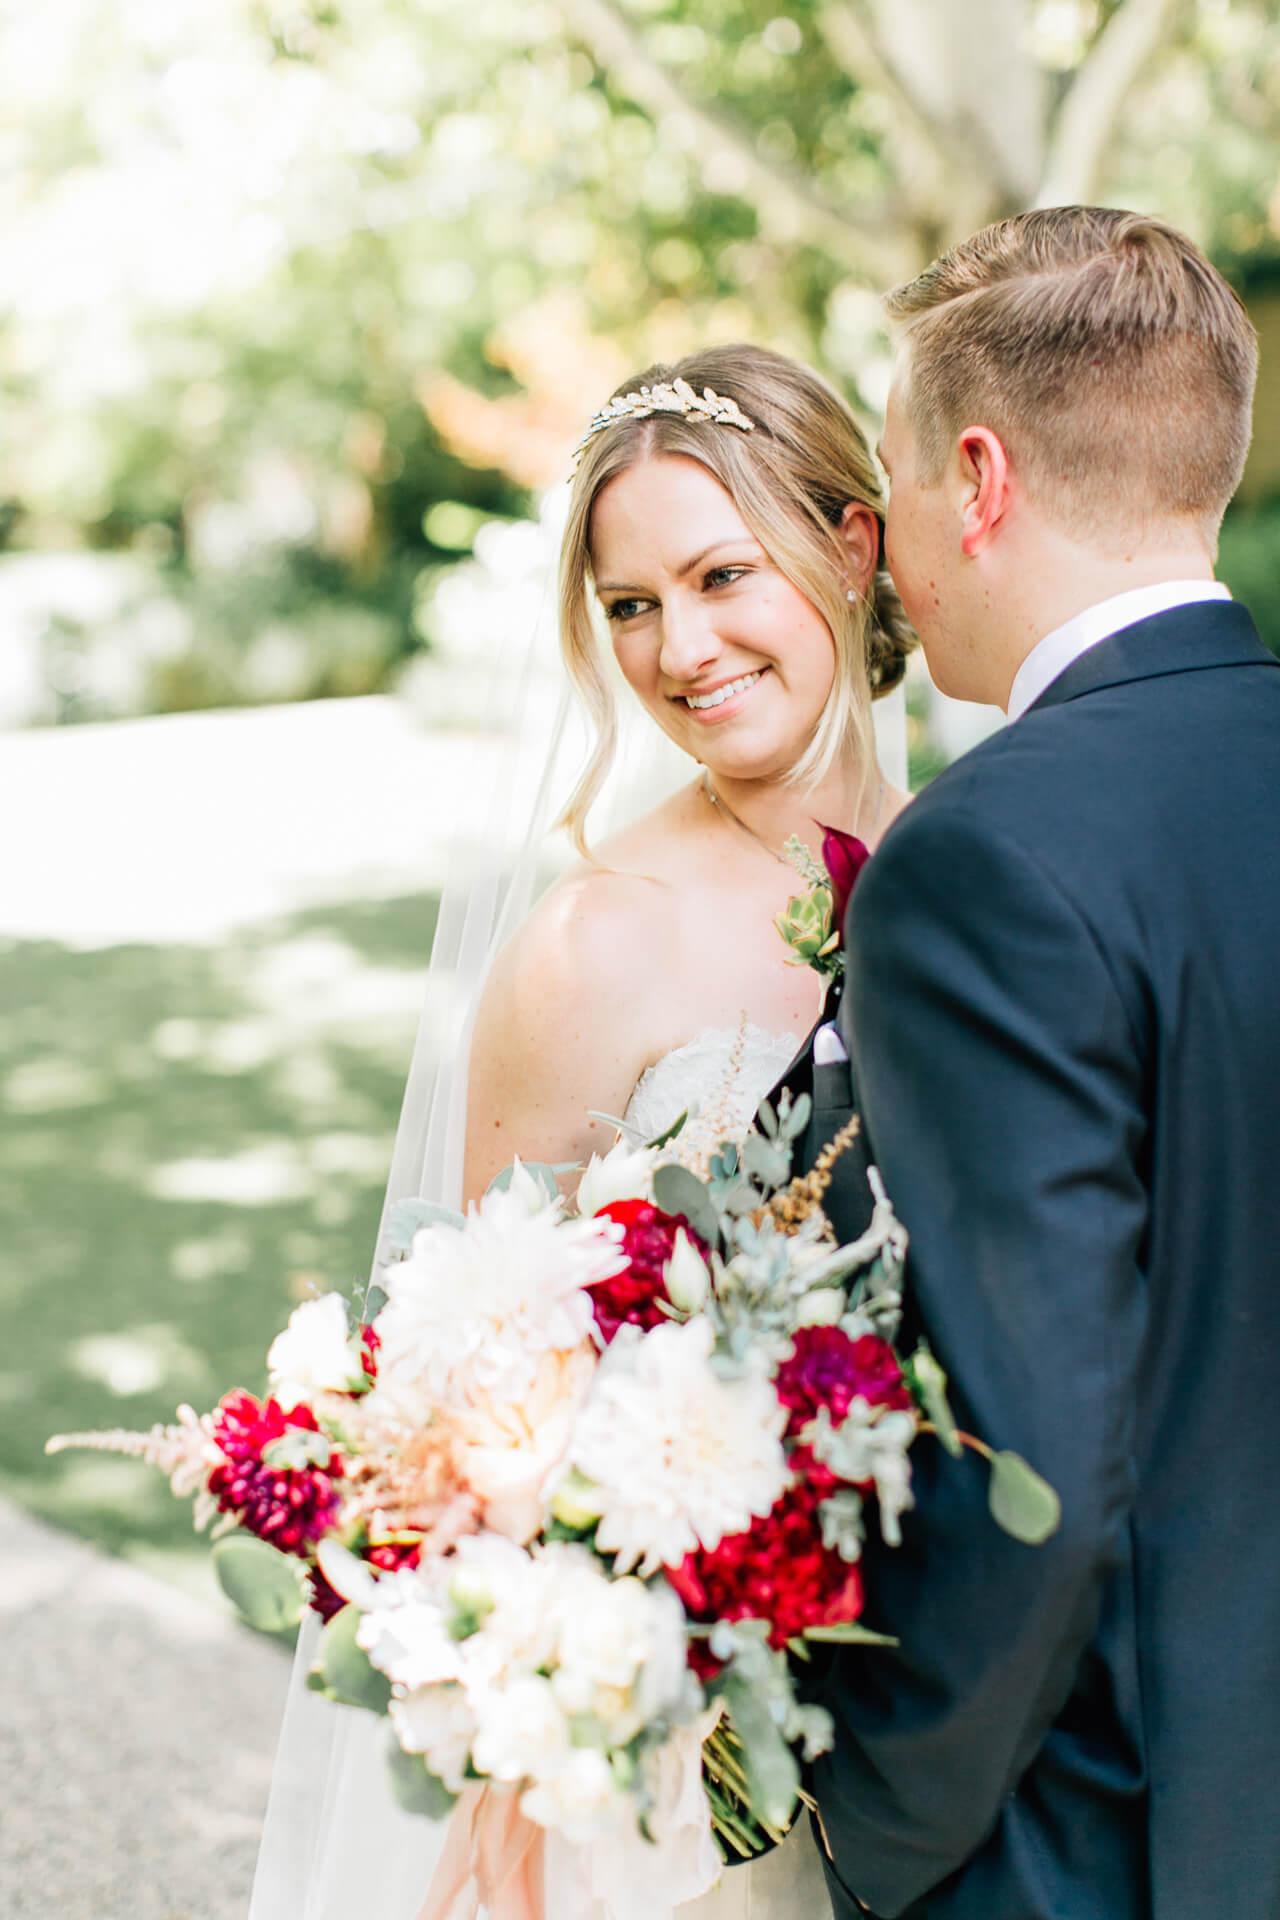 bridal photos for summer wedding